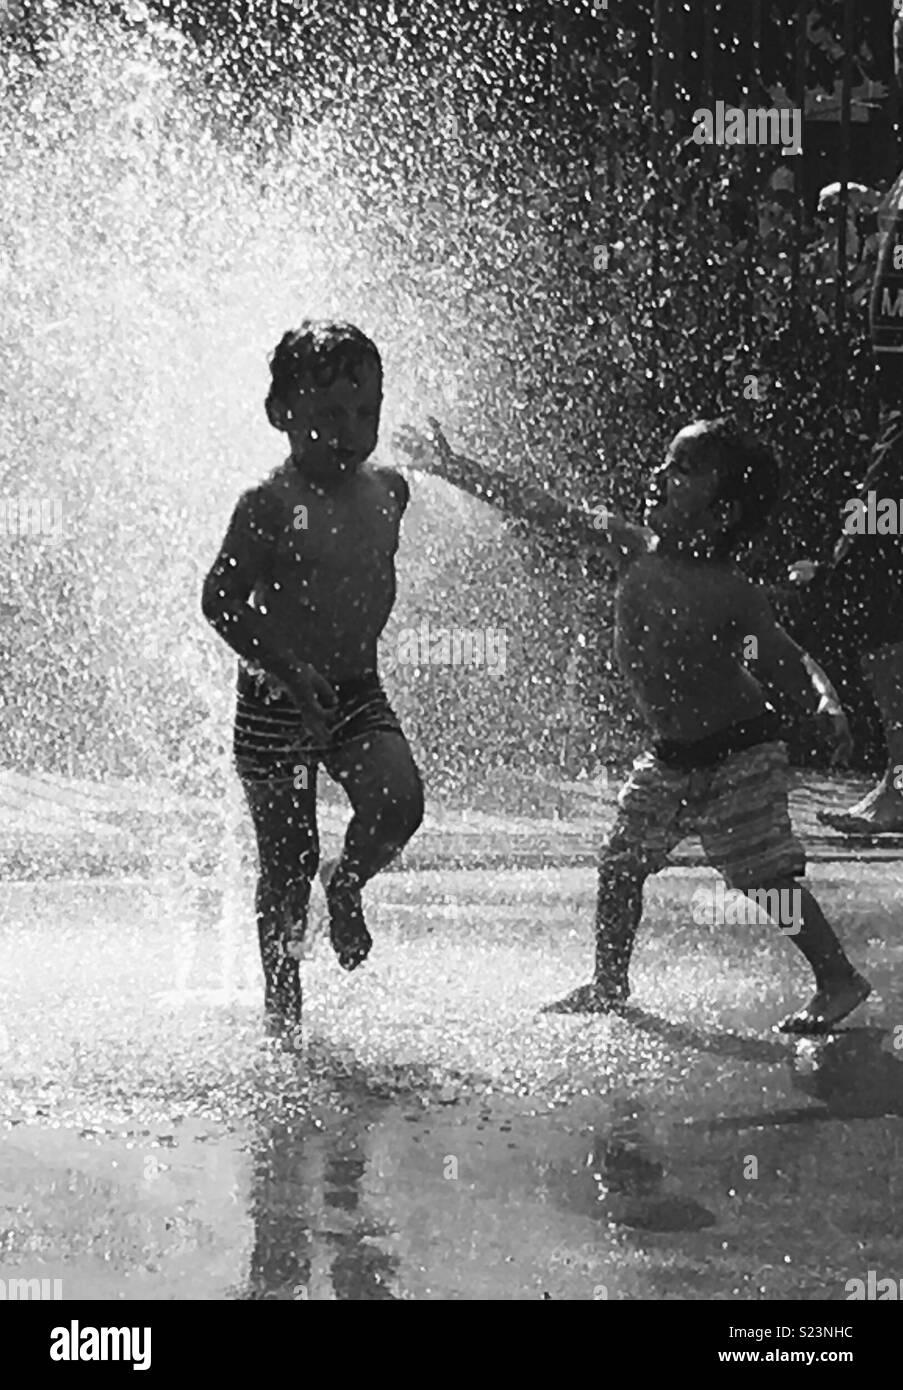 Les enfants s'amusant dans la fontaine au cours de chaude journée d'été Photo Stock